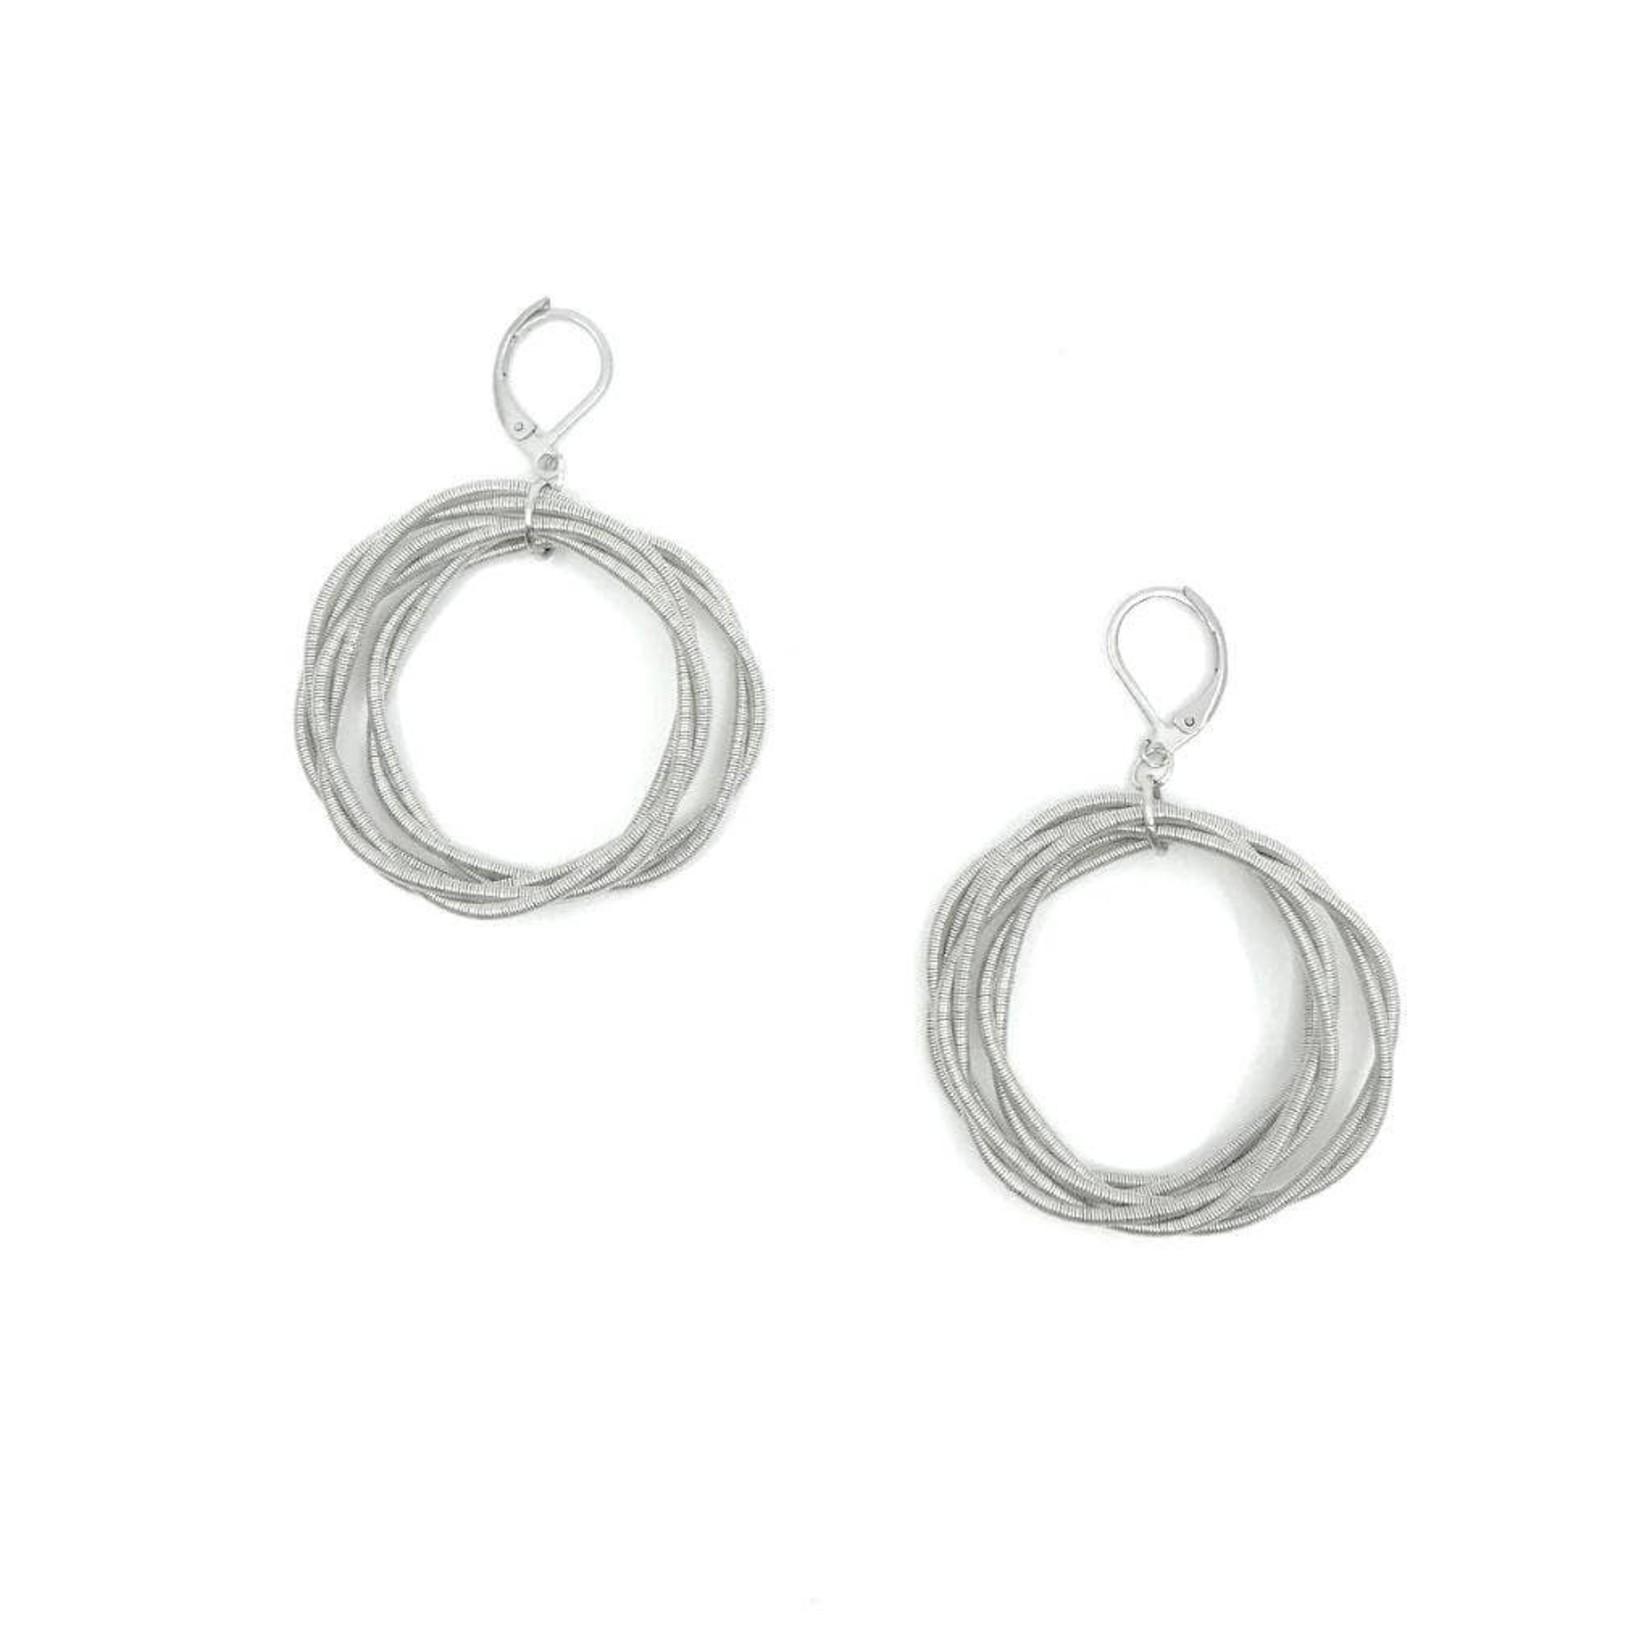 Sea Lily Silver Twist Loop Piano Wire Earrings